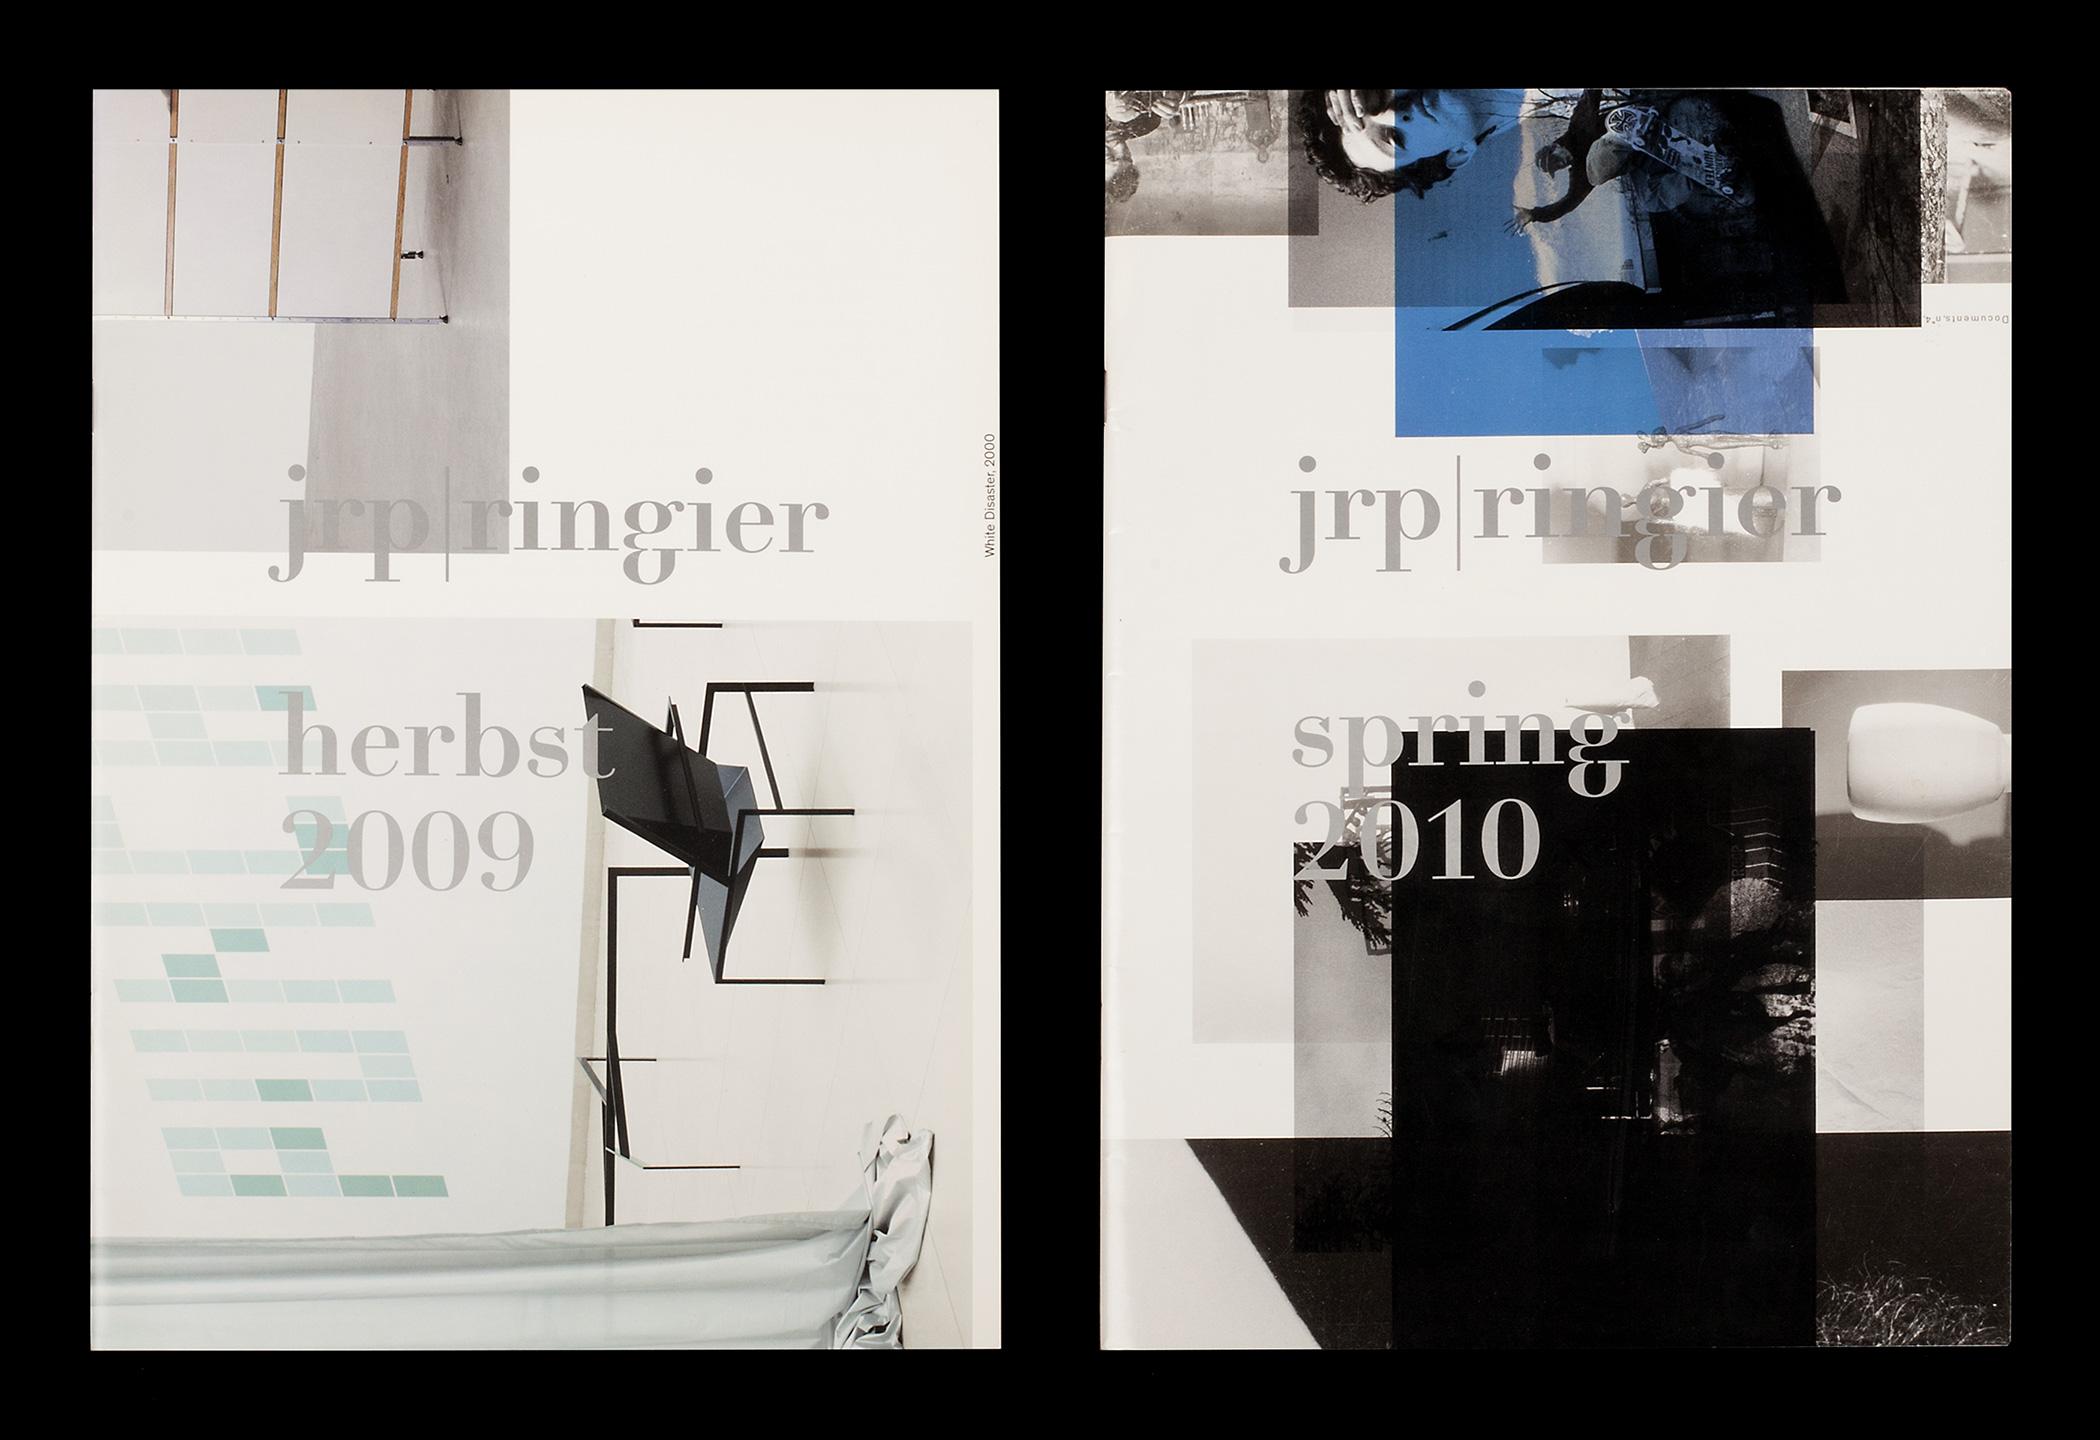 JRP|Ringier